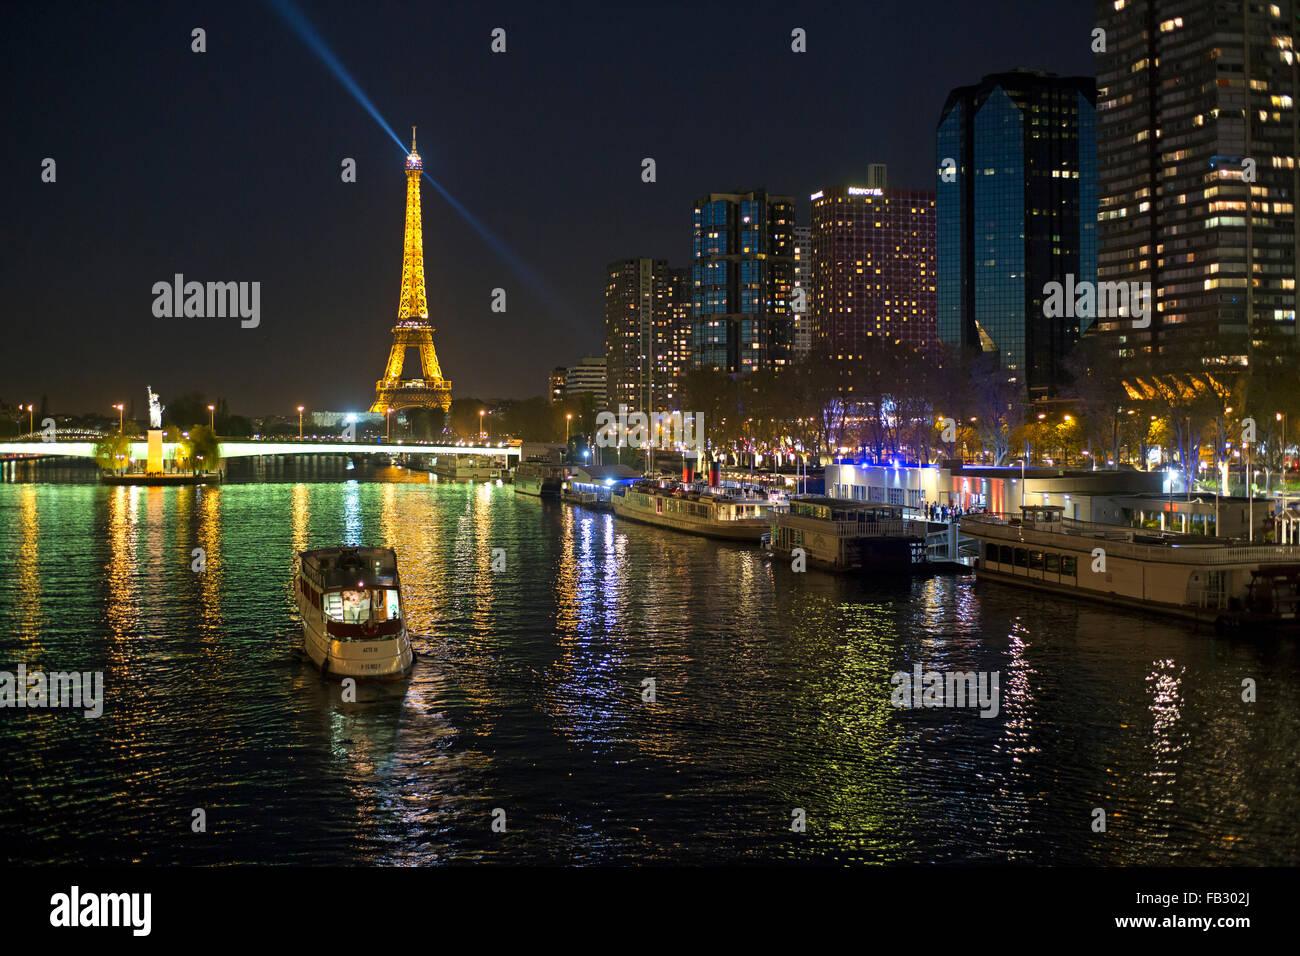 Vista notturna del Fiume Senna con barche e edifici ad alta sulla riva sinistra e la Torre Eiffel, Parigi, Francia, Immagini Stock